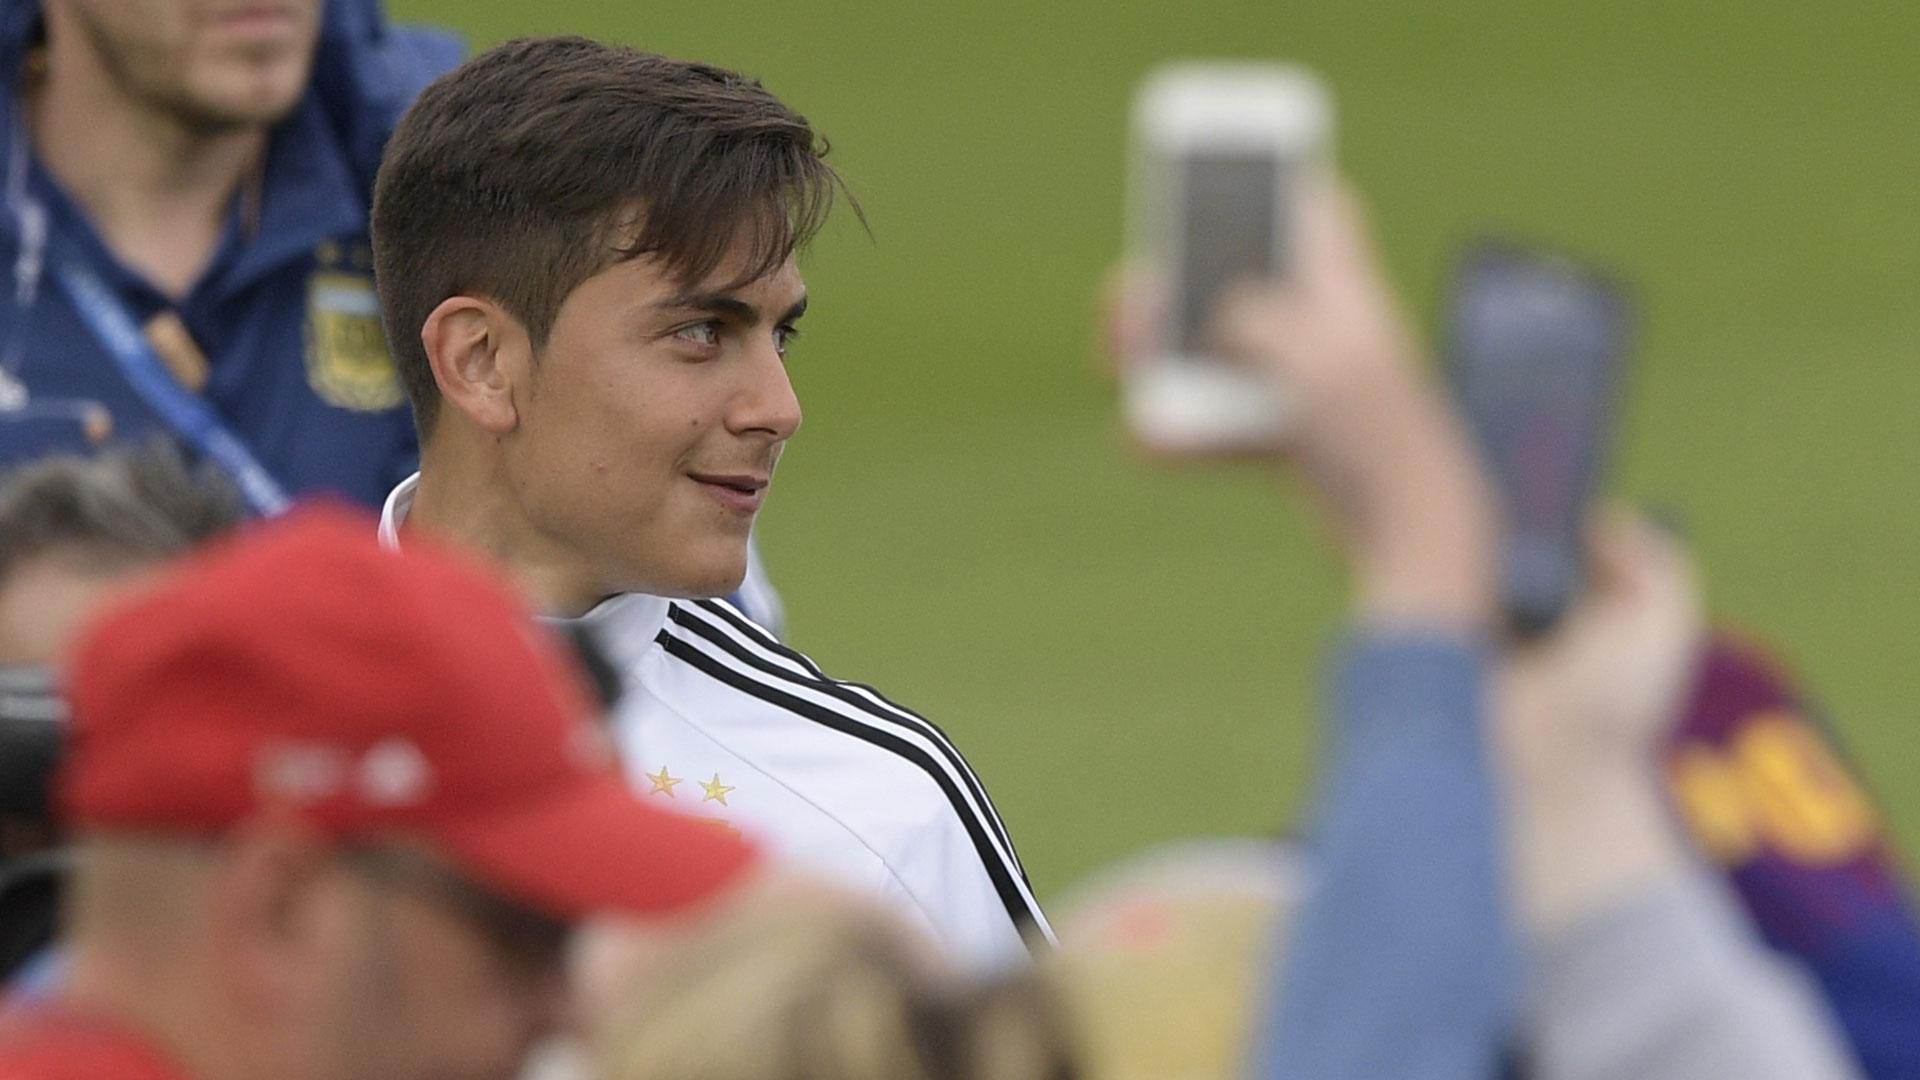 La sonrisa de Dybala, estrella de la Juventus y también muy reclamado por los hinchas